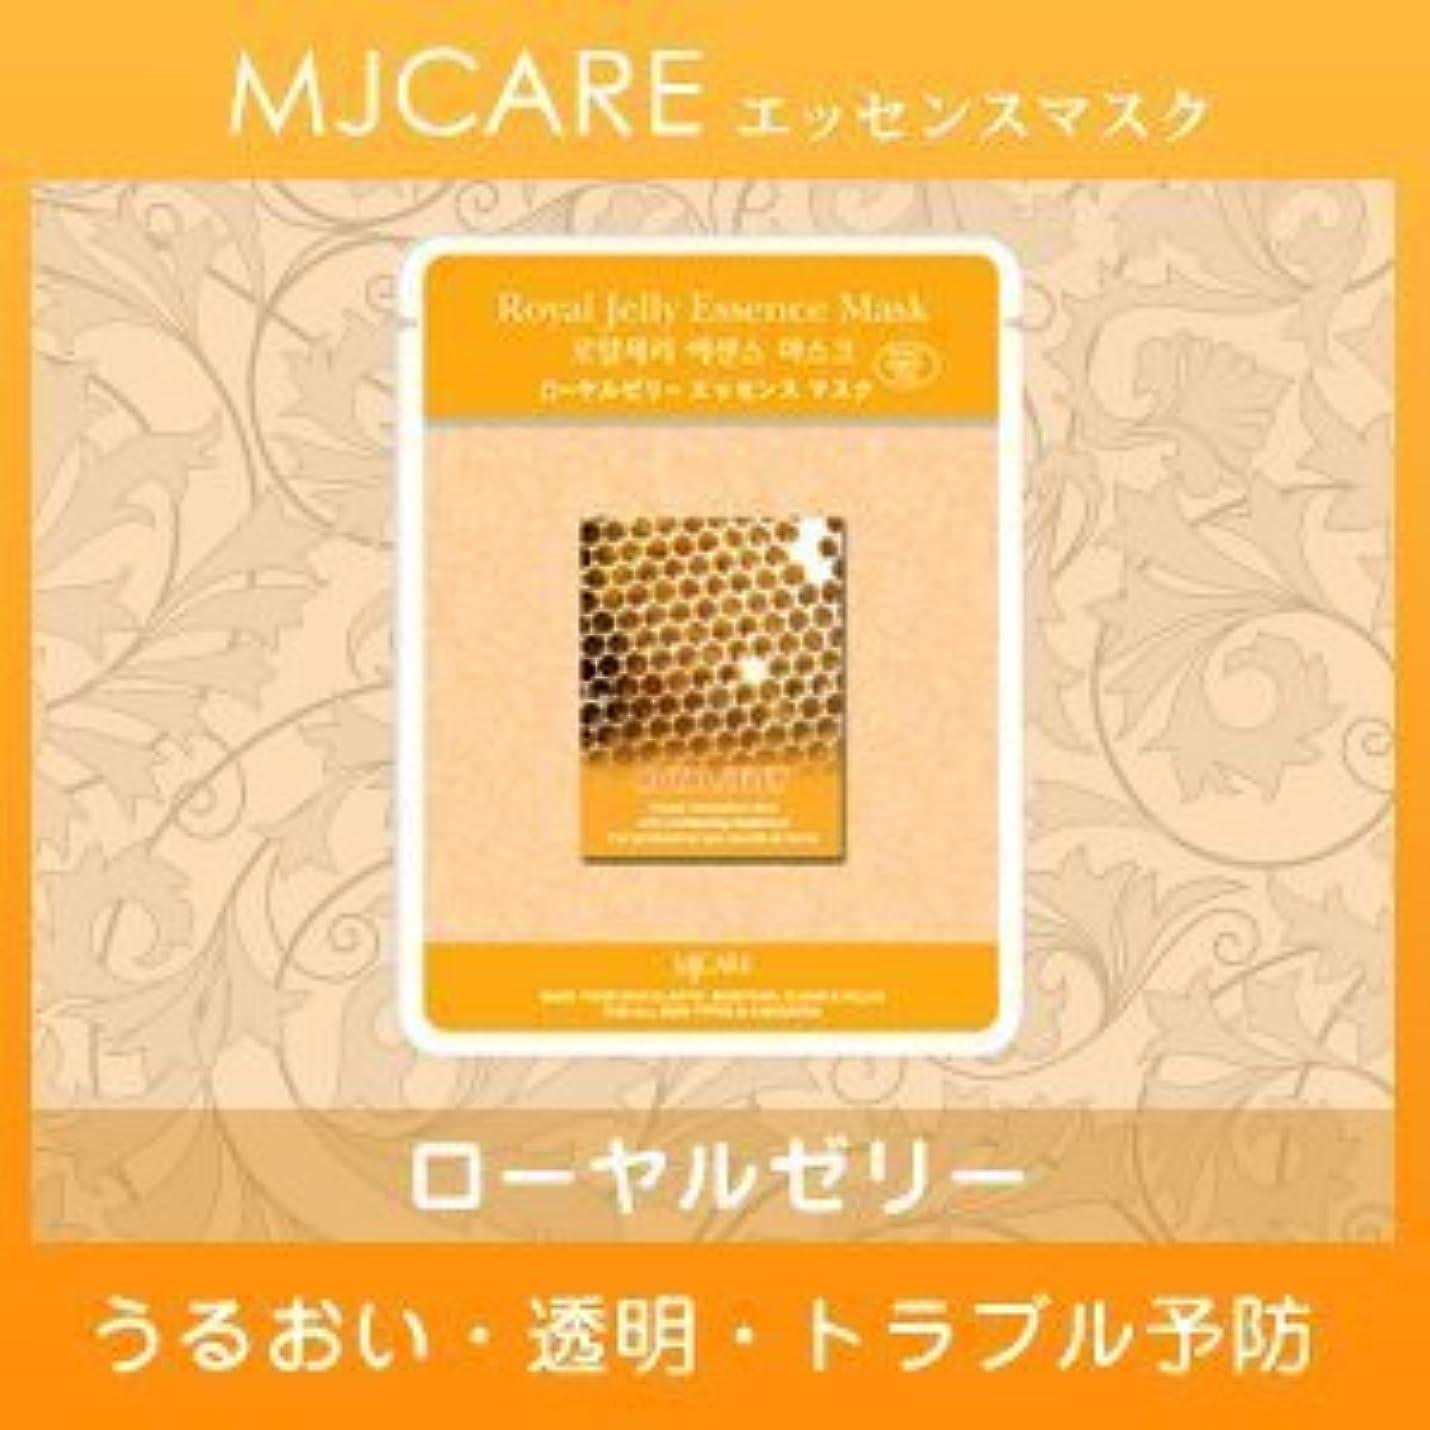 単なるマインド防ぐMJCARE (エムジェイケア) ローヤルゼリー エッセンスマスク (10枚セット)